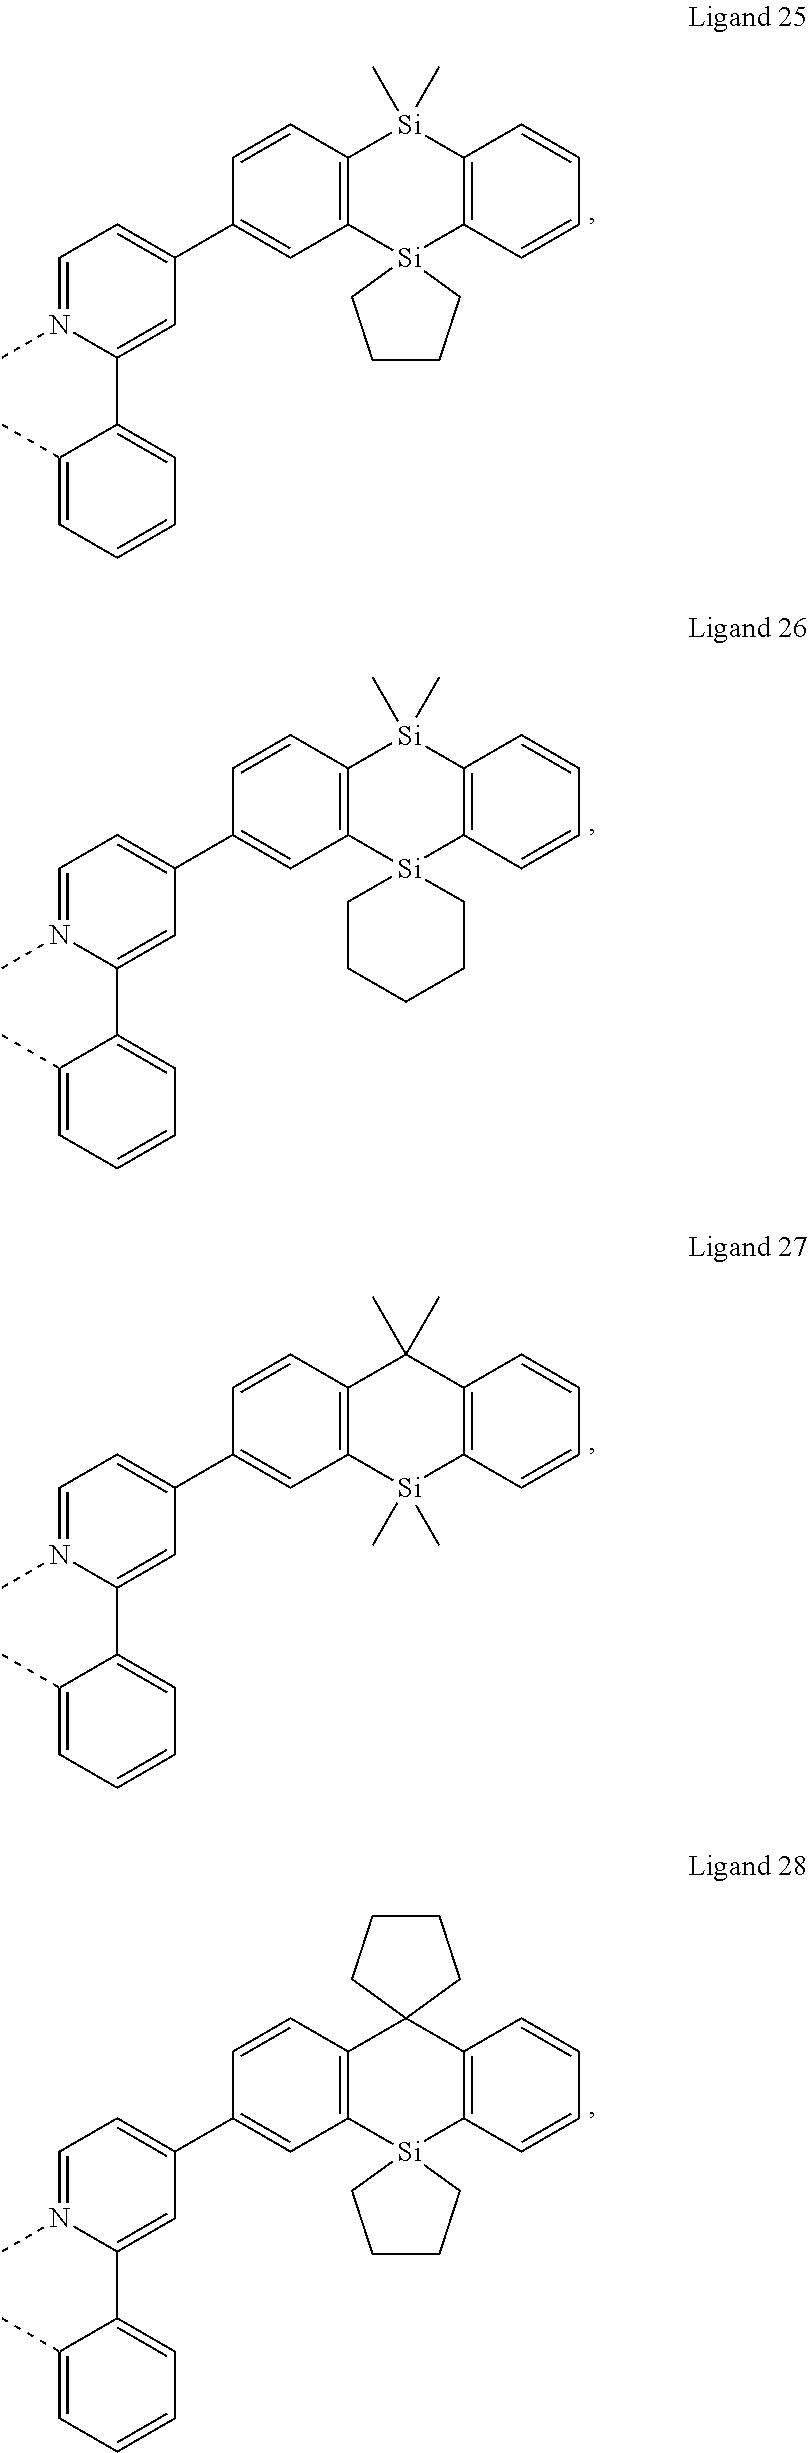 Figure US20180130962A1-20180510-C00036